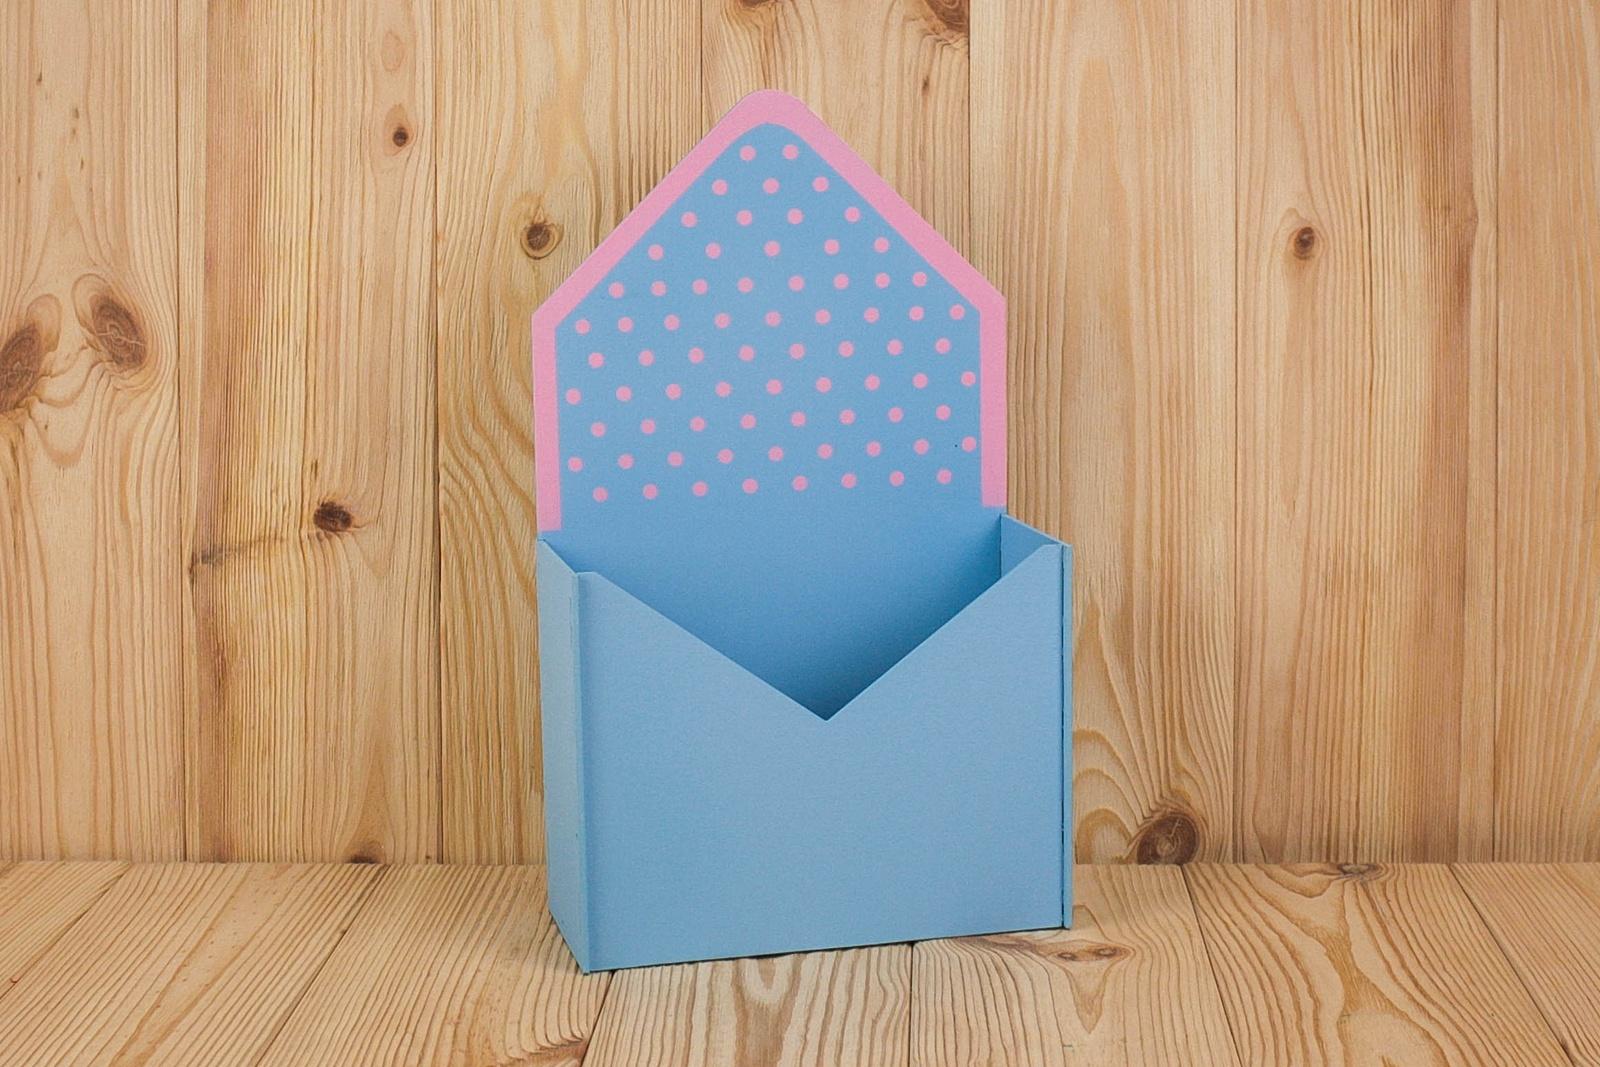 Подарочная упаковка Мастер Дизайн ПУ349020705, голубой, розовый